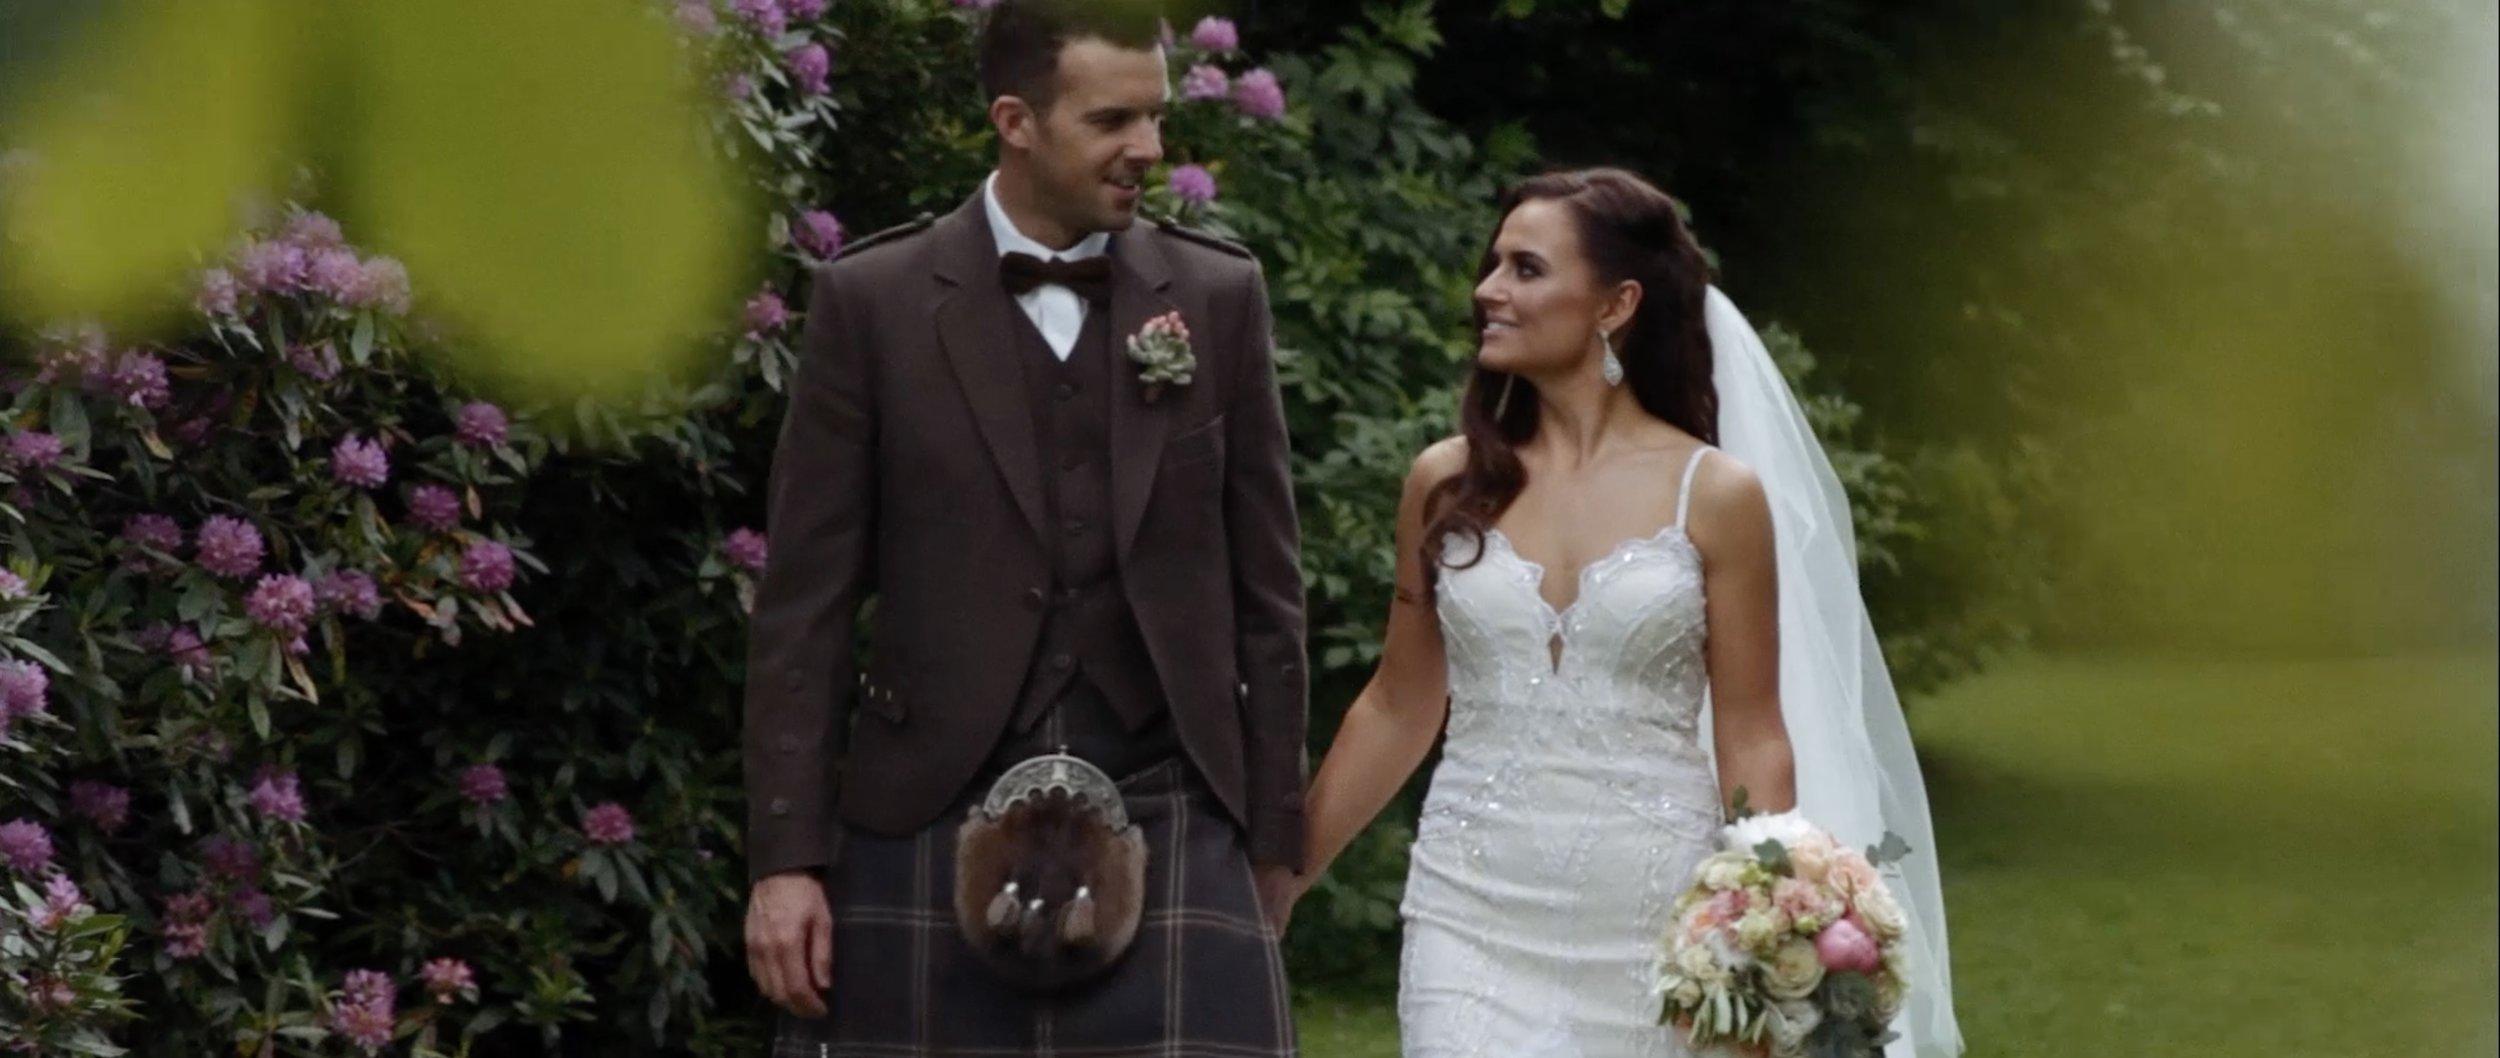 boclair-house-wedding-videographer_LL_06.jpg